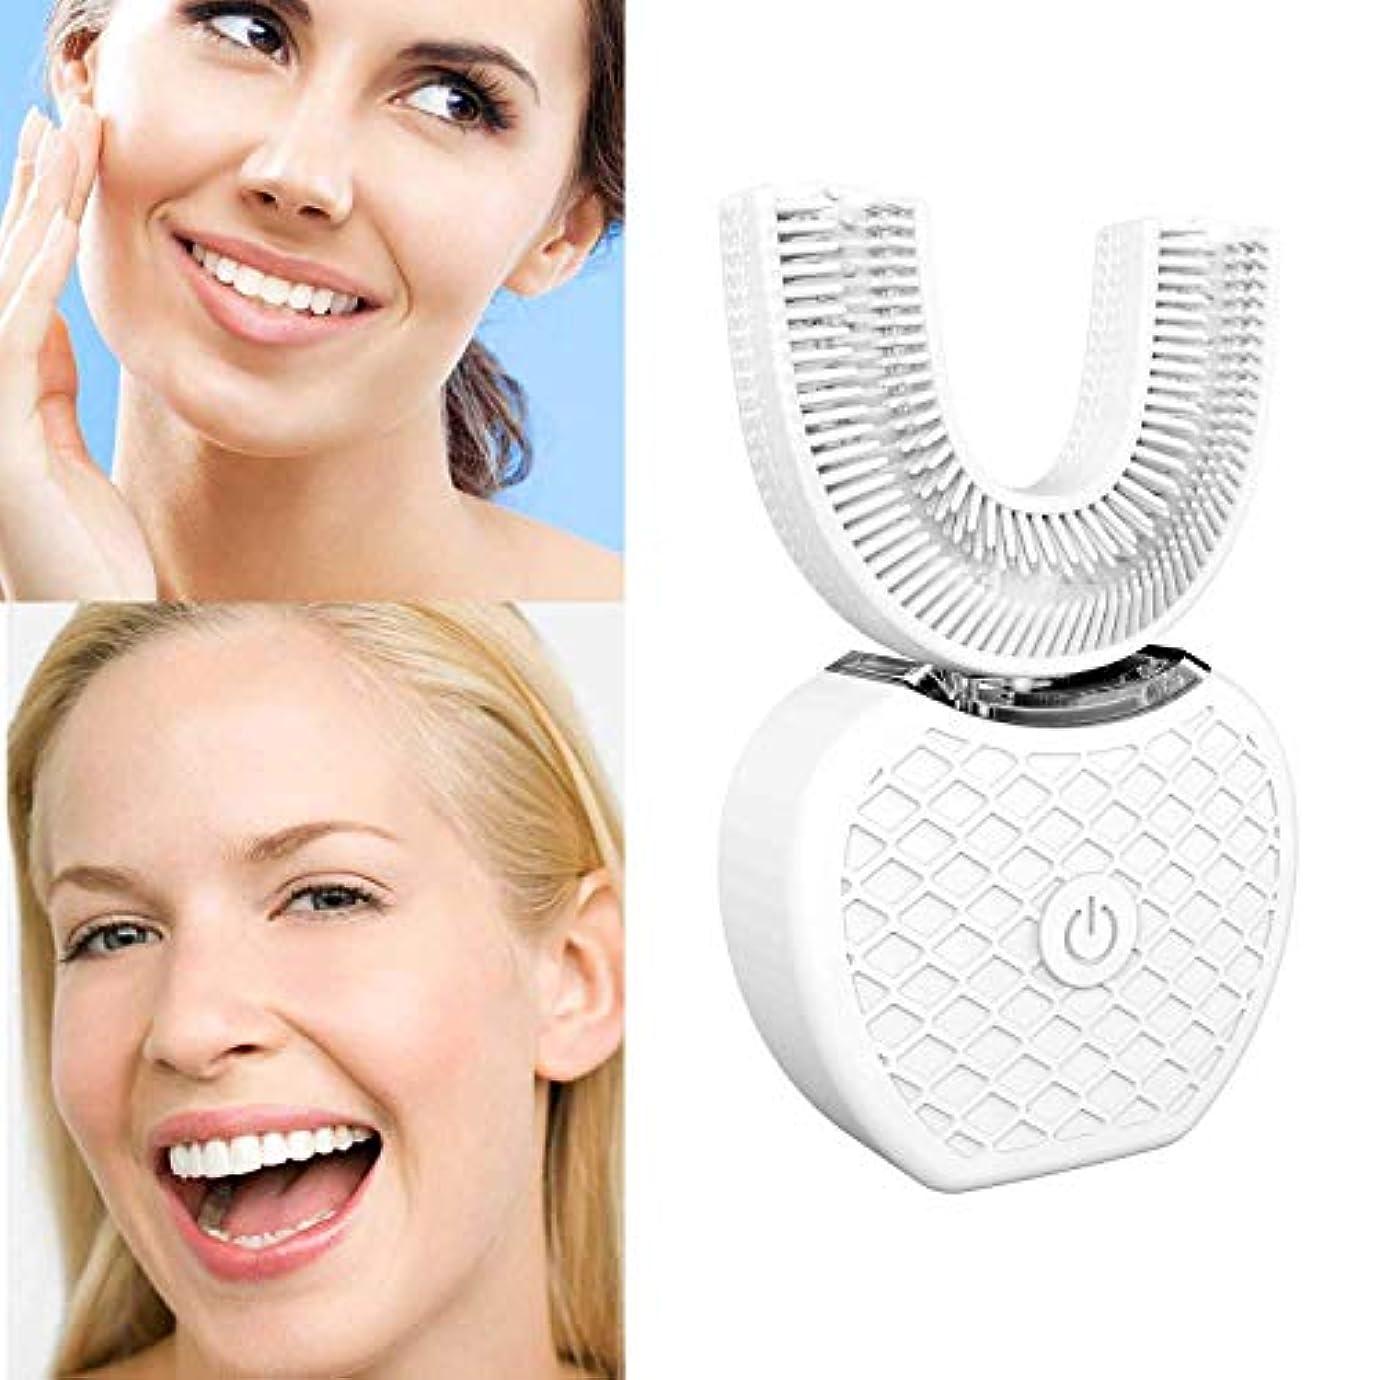 イブ渇きデクリメント新しい電動歯ブラシ、V-white 超音波自動歯ブラシ360°包囲清掃歯、より深い清掃 (ホワイト)